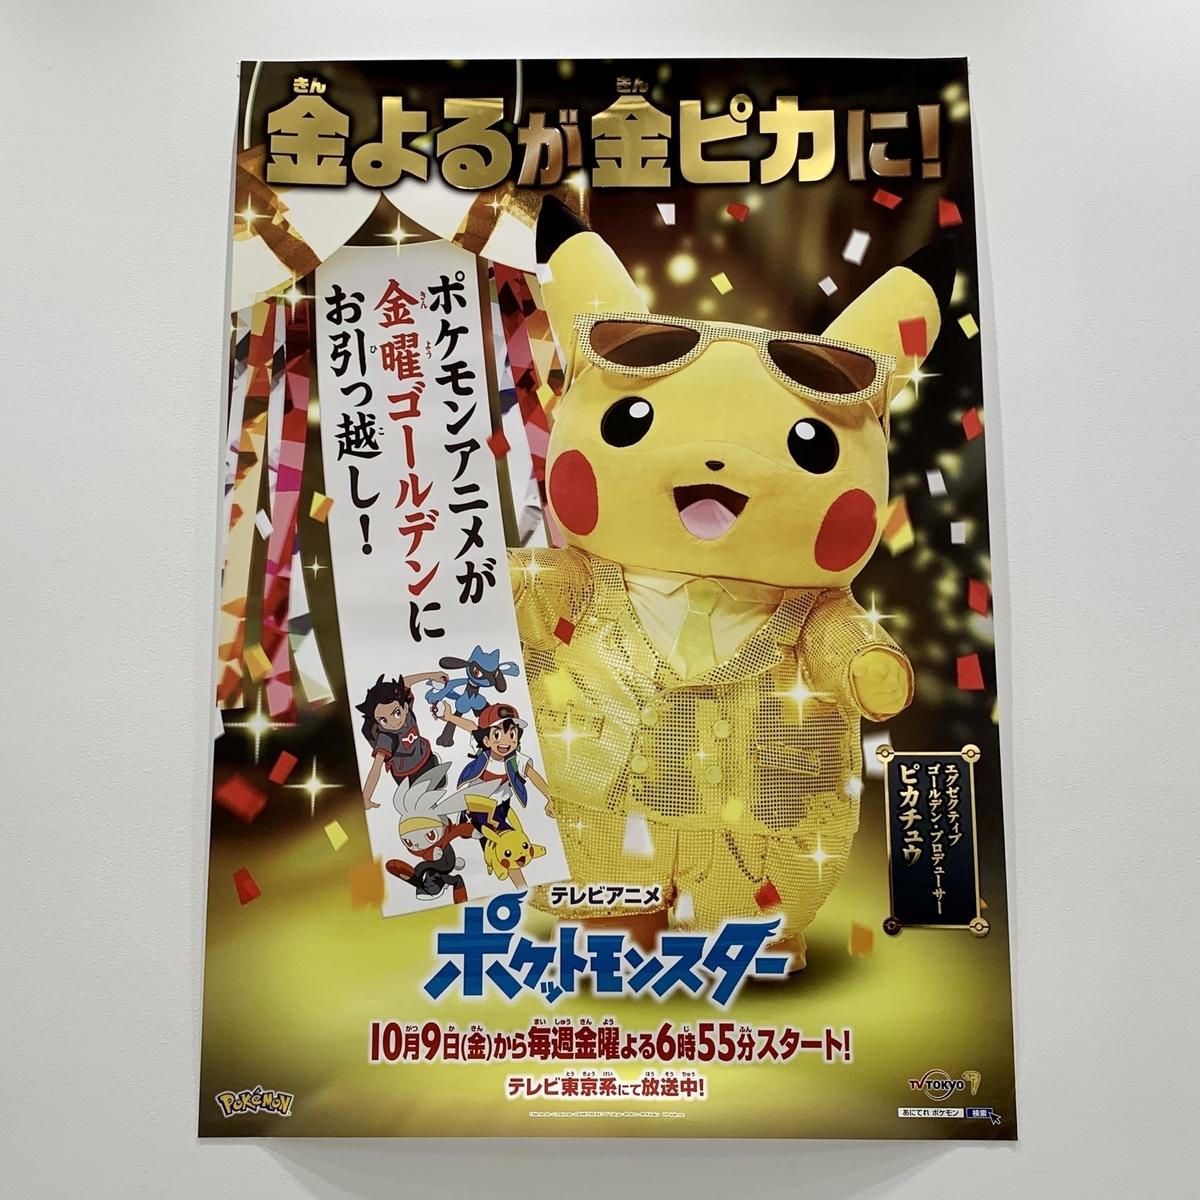 f:id:pikachu_pcn:20200916192719j:plain